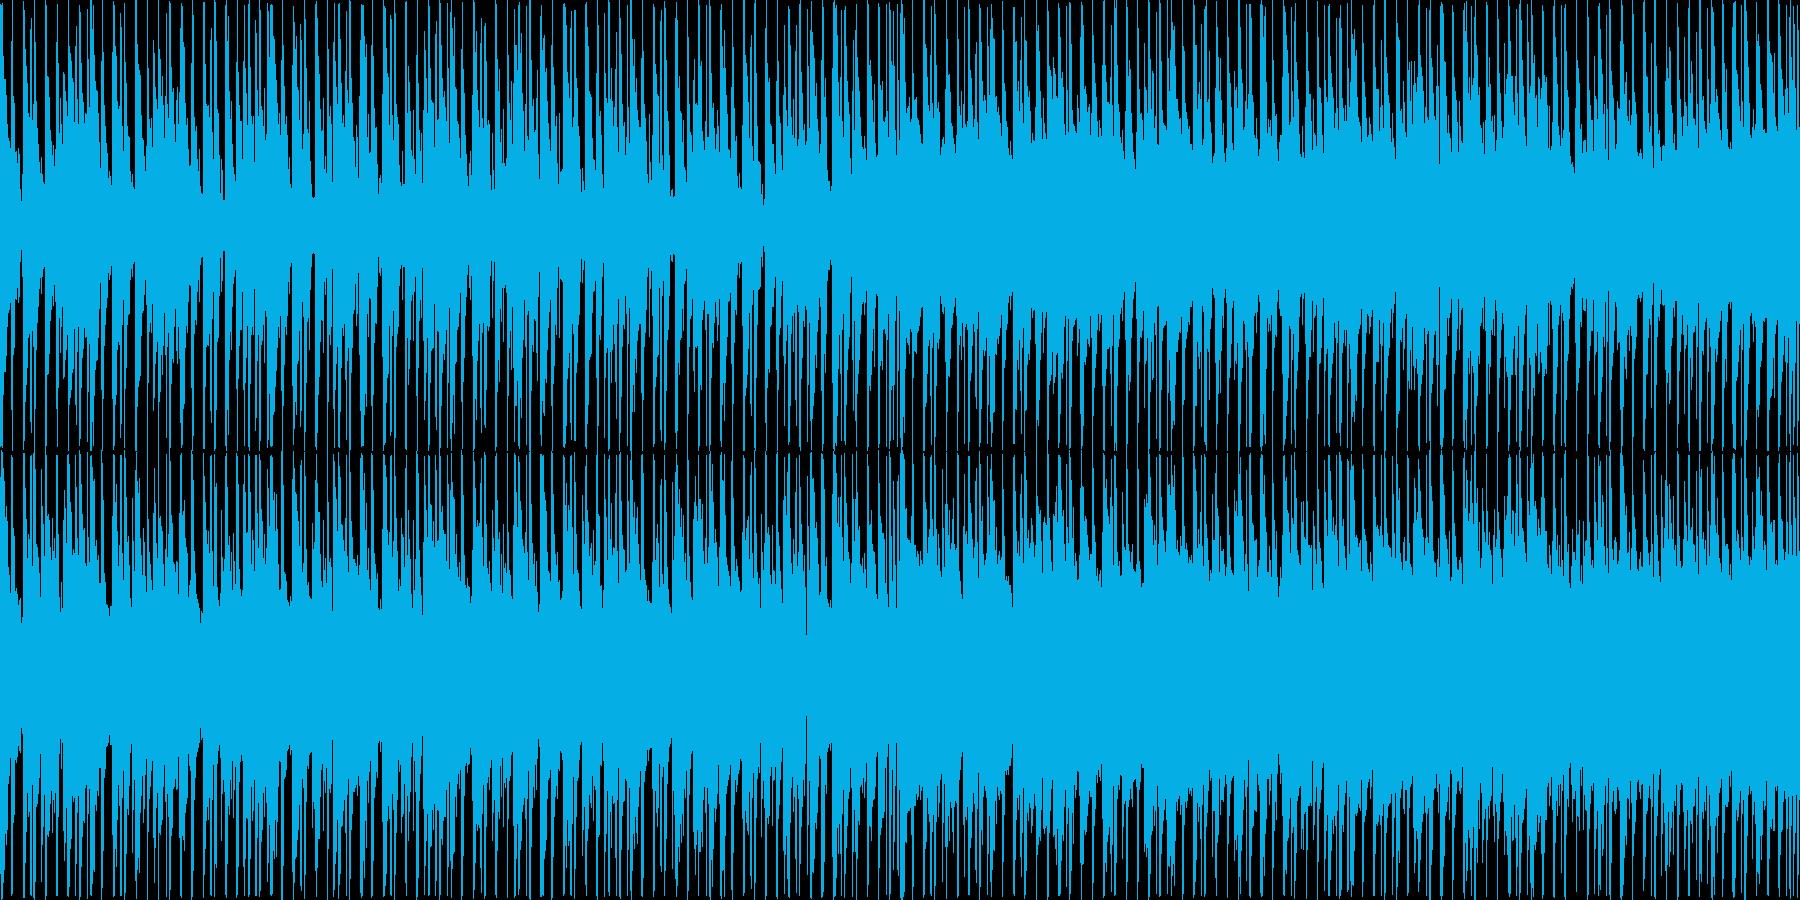 楽しい雰囲気のBGM(ループ)の再生済みの波形